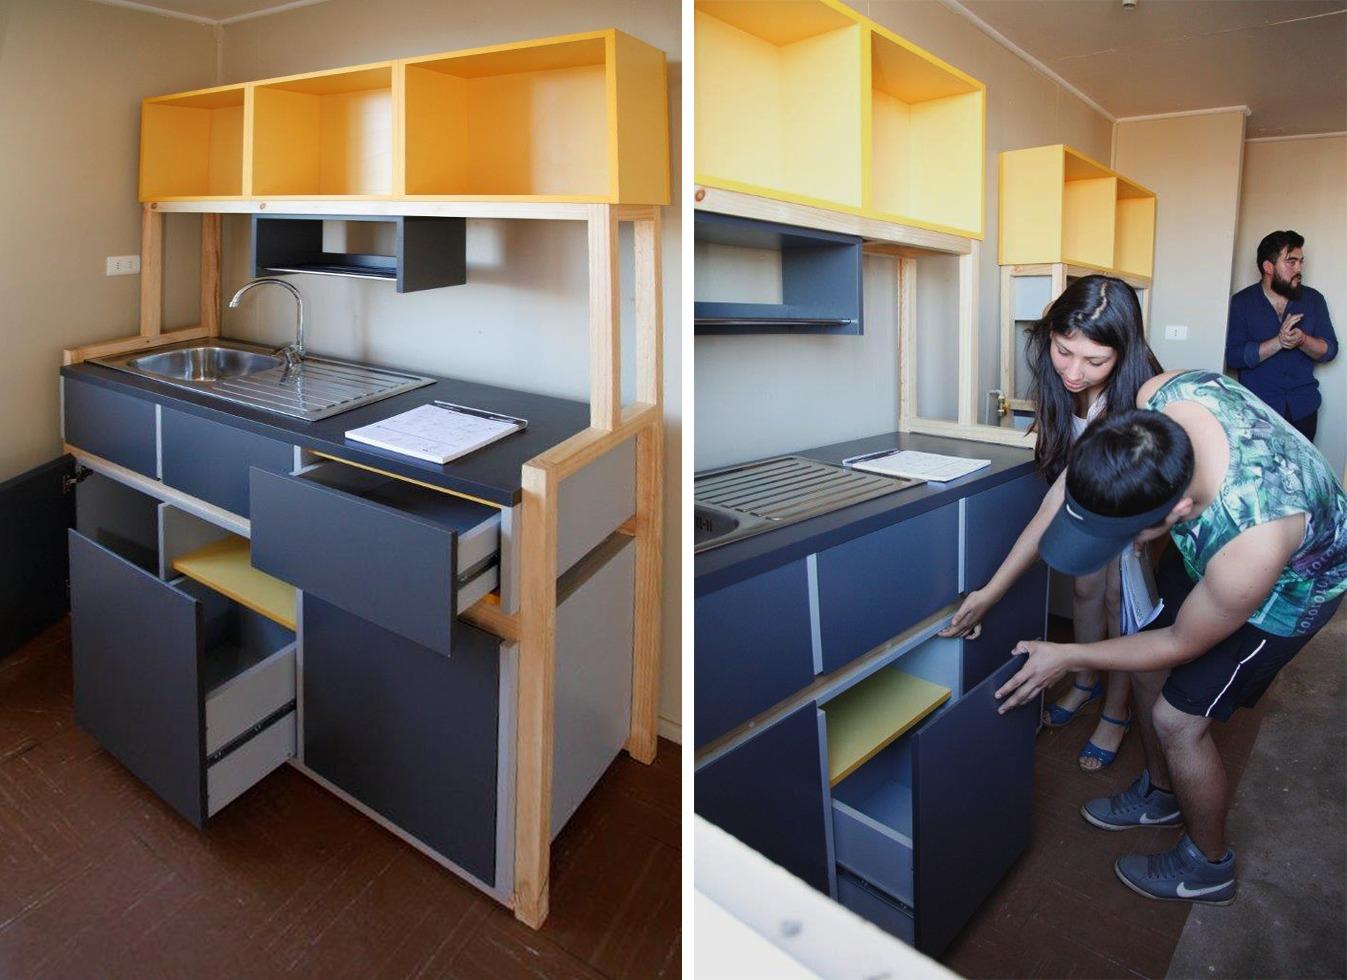 Galería de ¿Cómo construir una cocina modular? (Parte 1) - 2